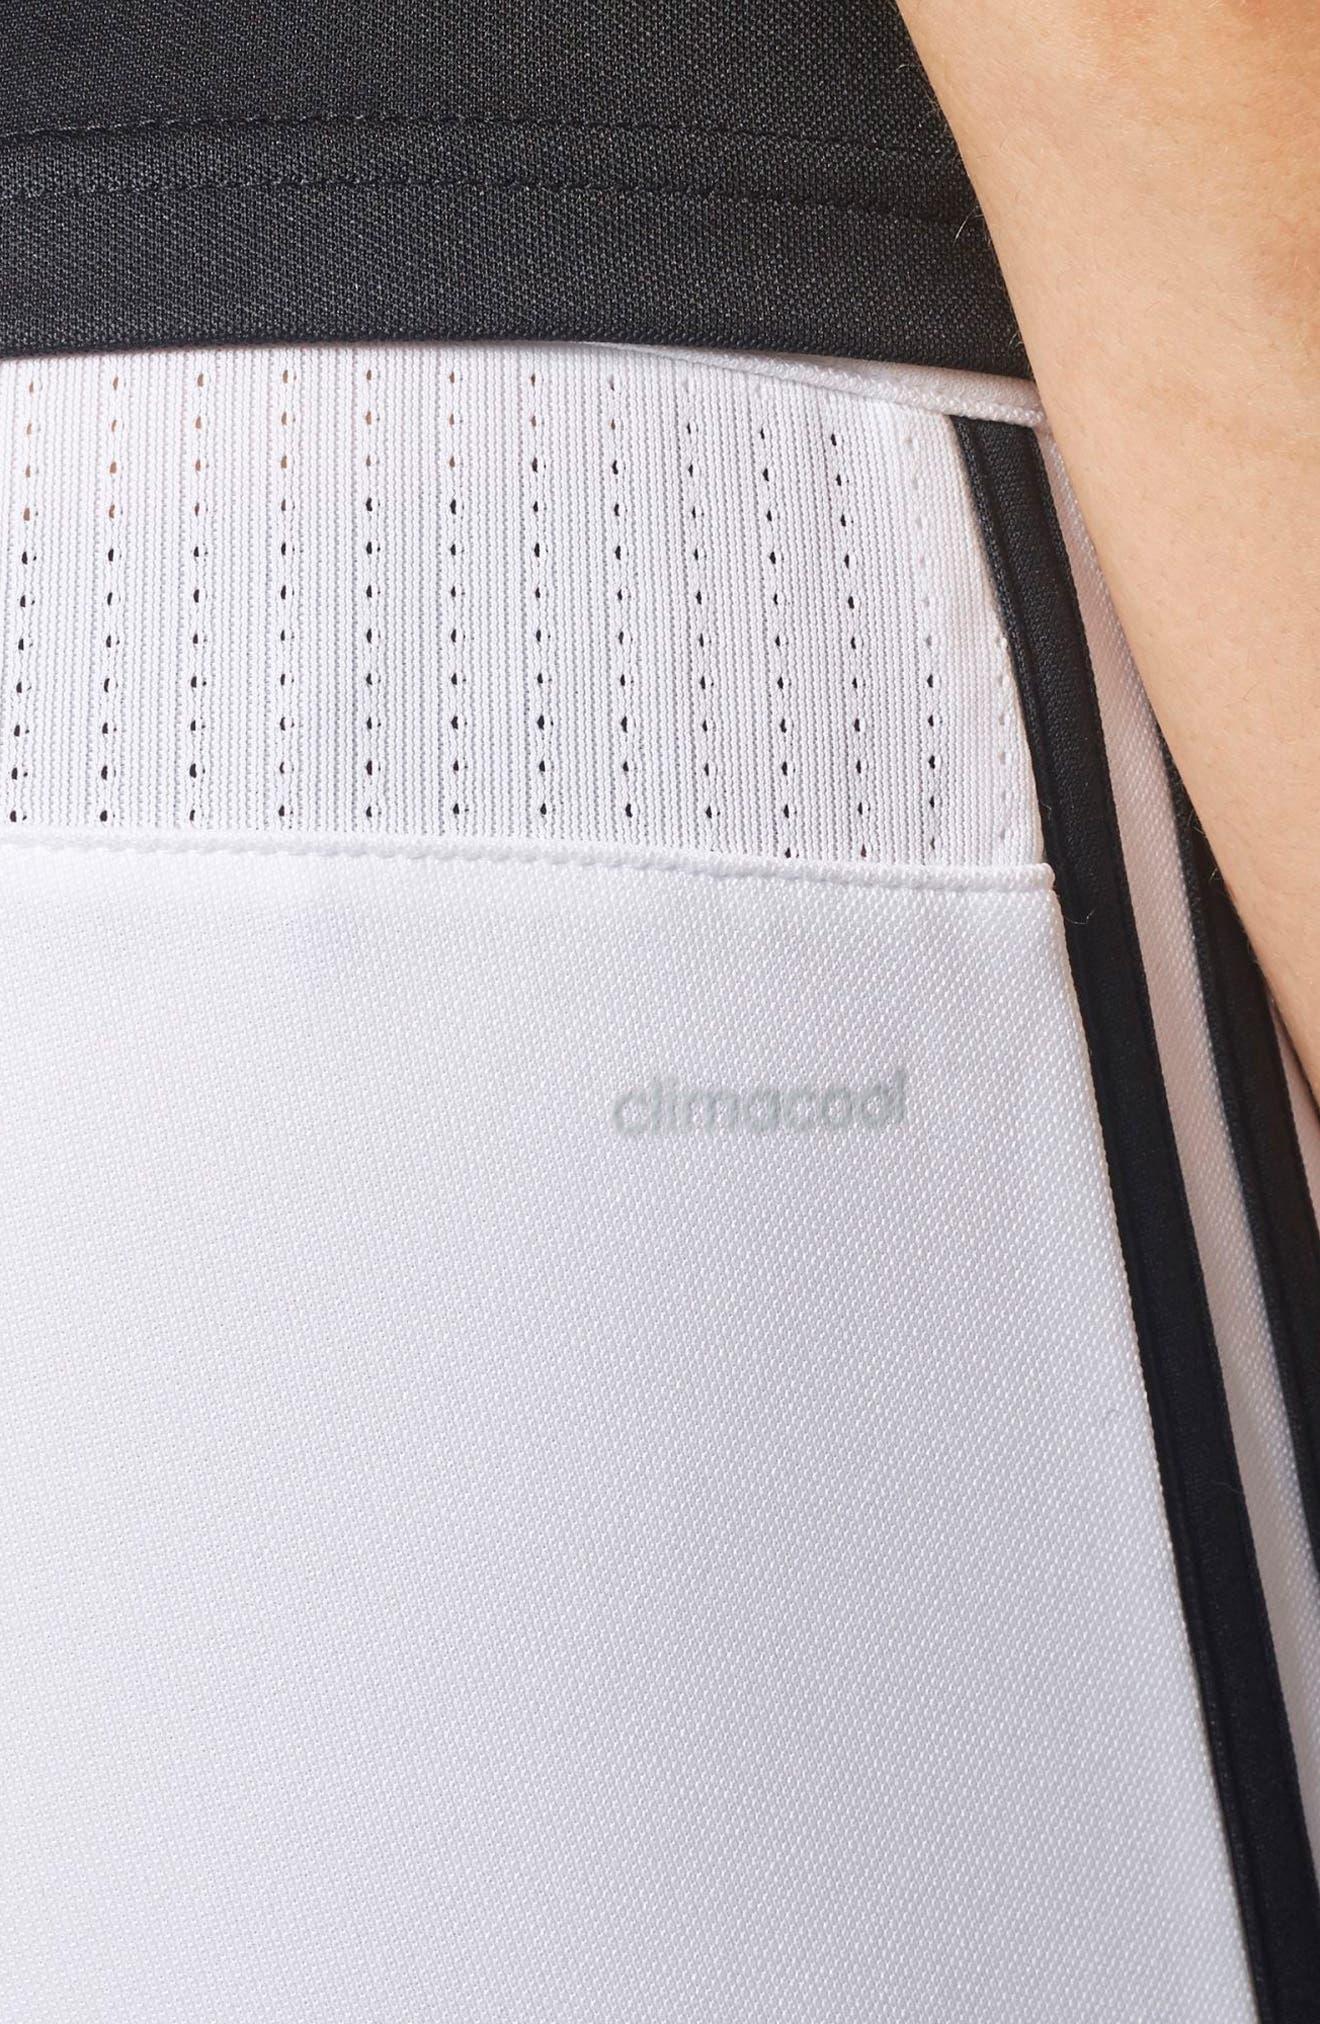 Tiro 17 Training Pants,                             Alternate thumbnail 8, color,                             WHITE/ BLACK